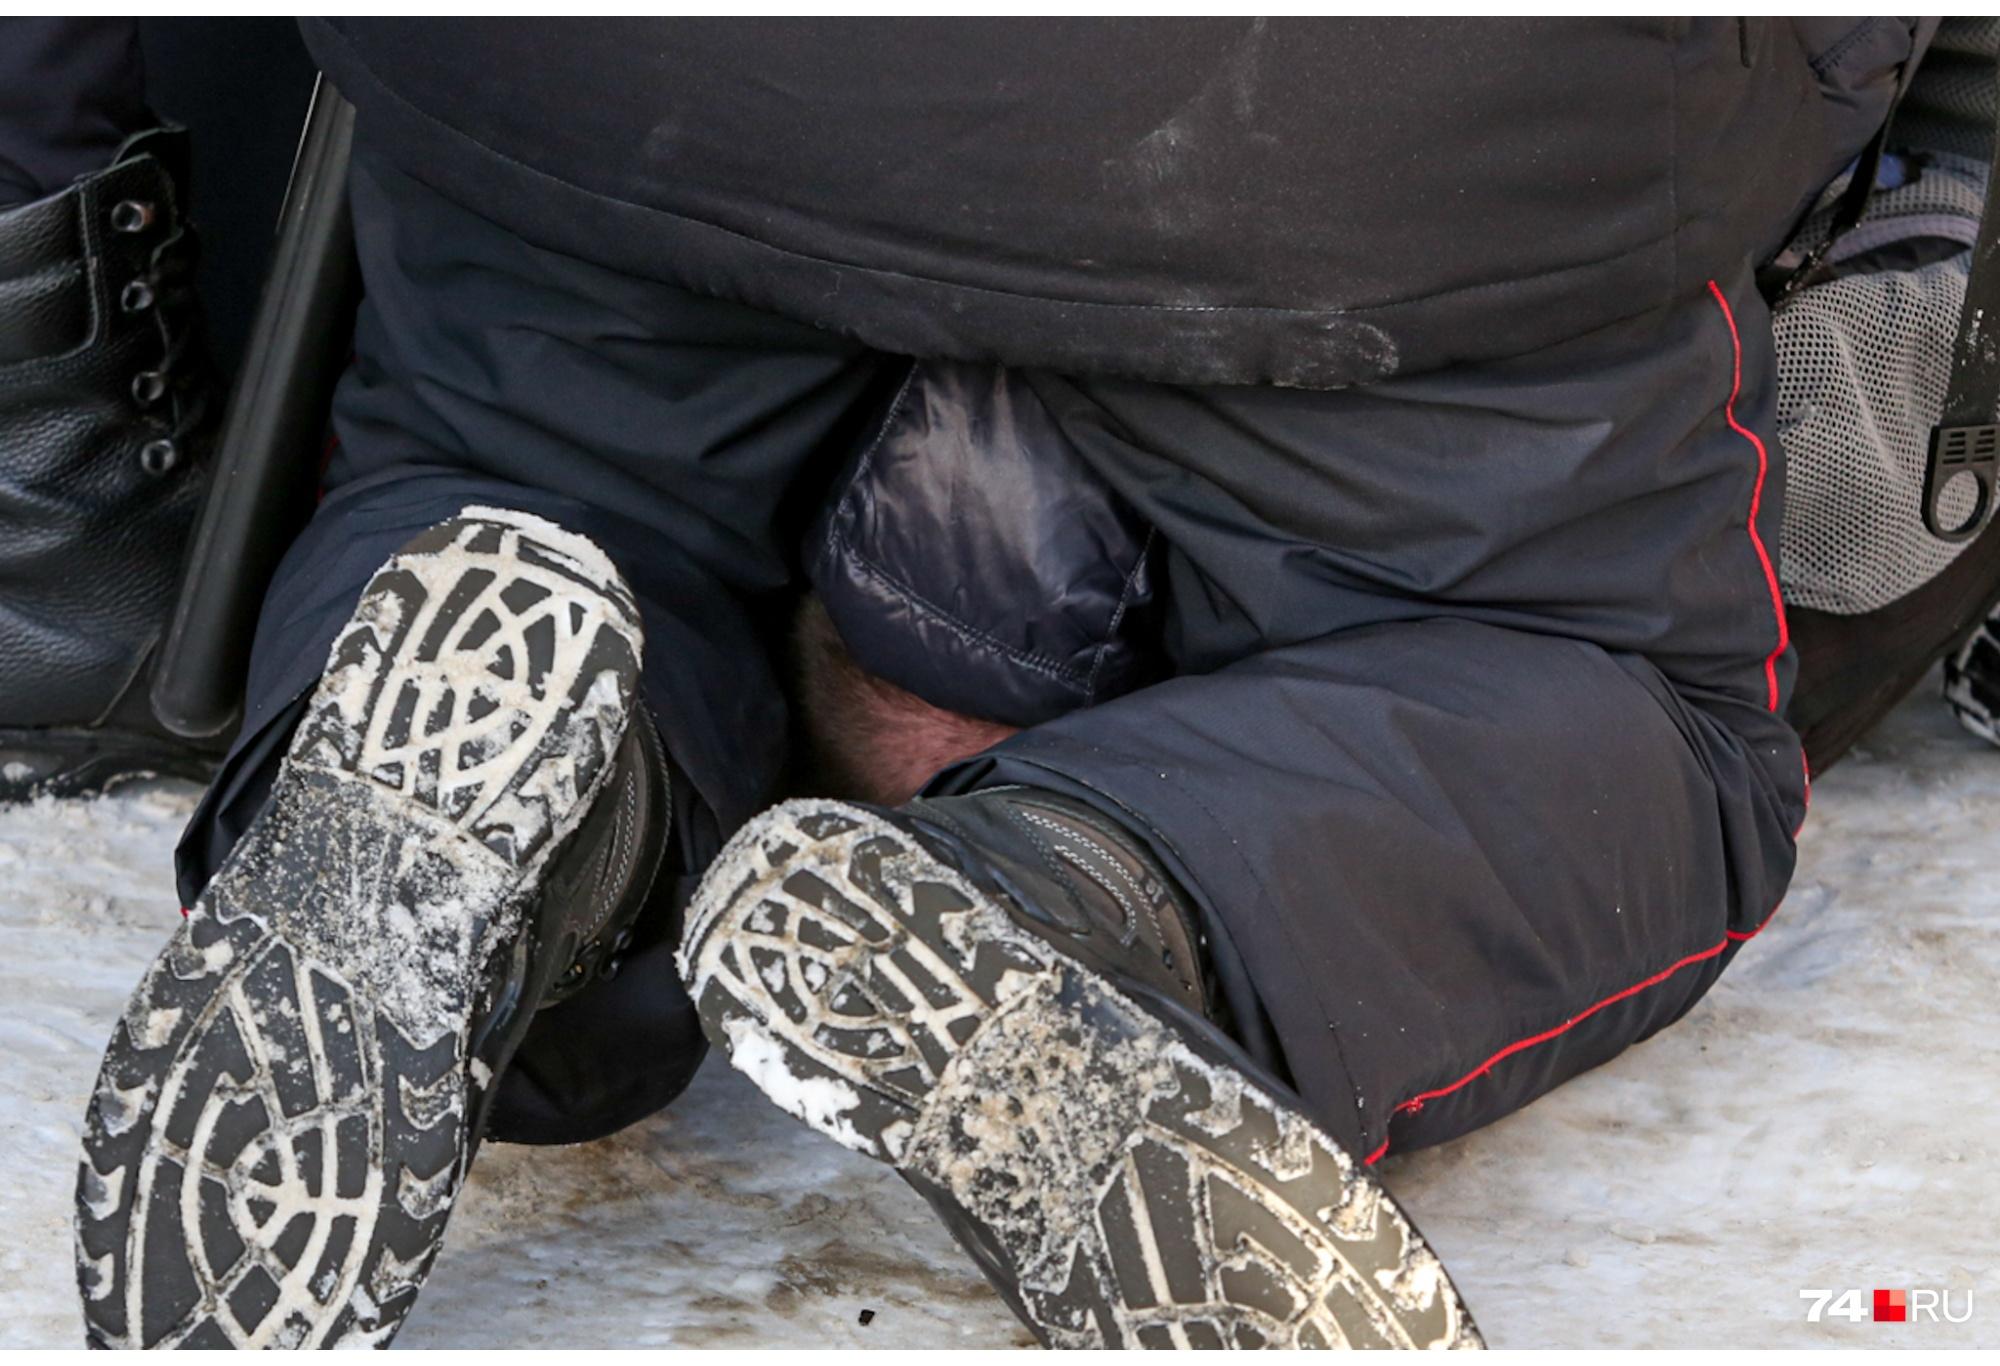 Часть митингующих задержали у ЮУрГУ, других продолжили «винтить» по ходу движения колонны